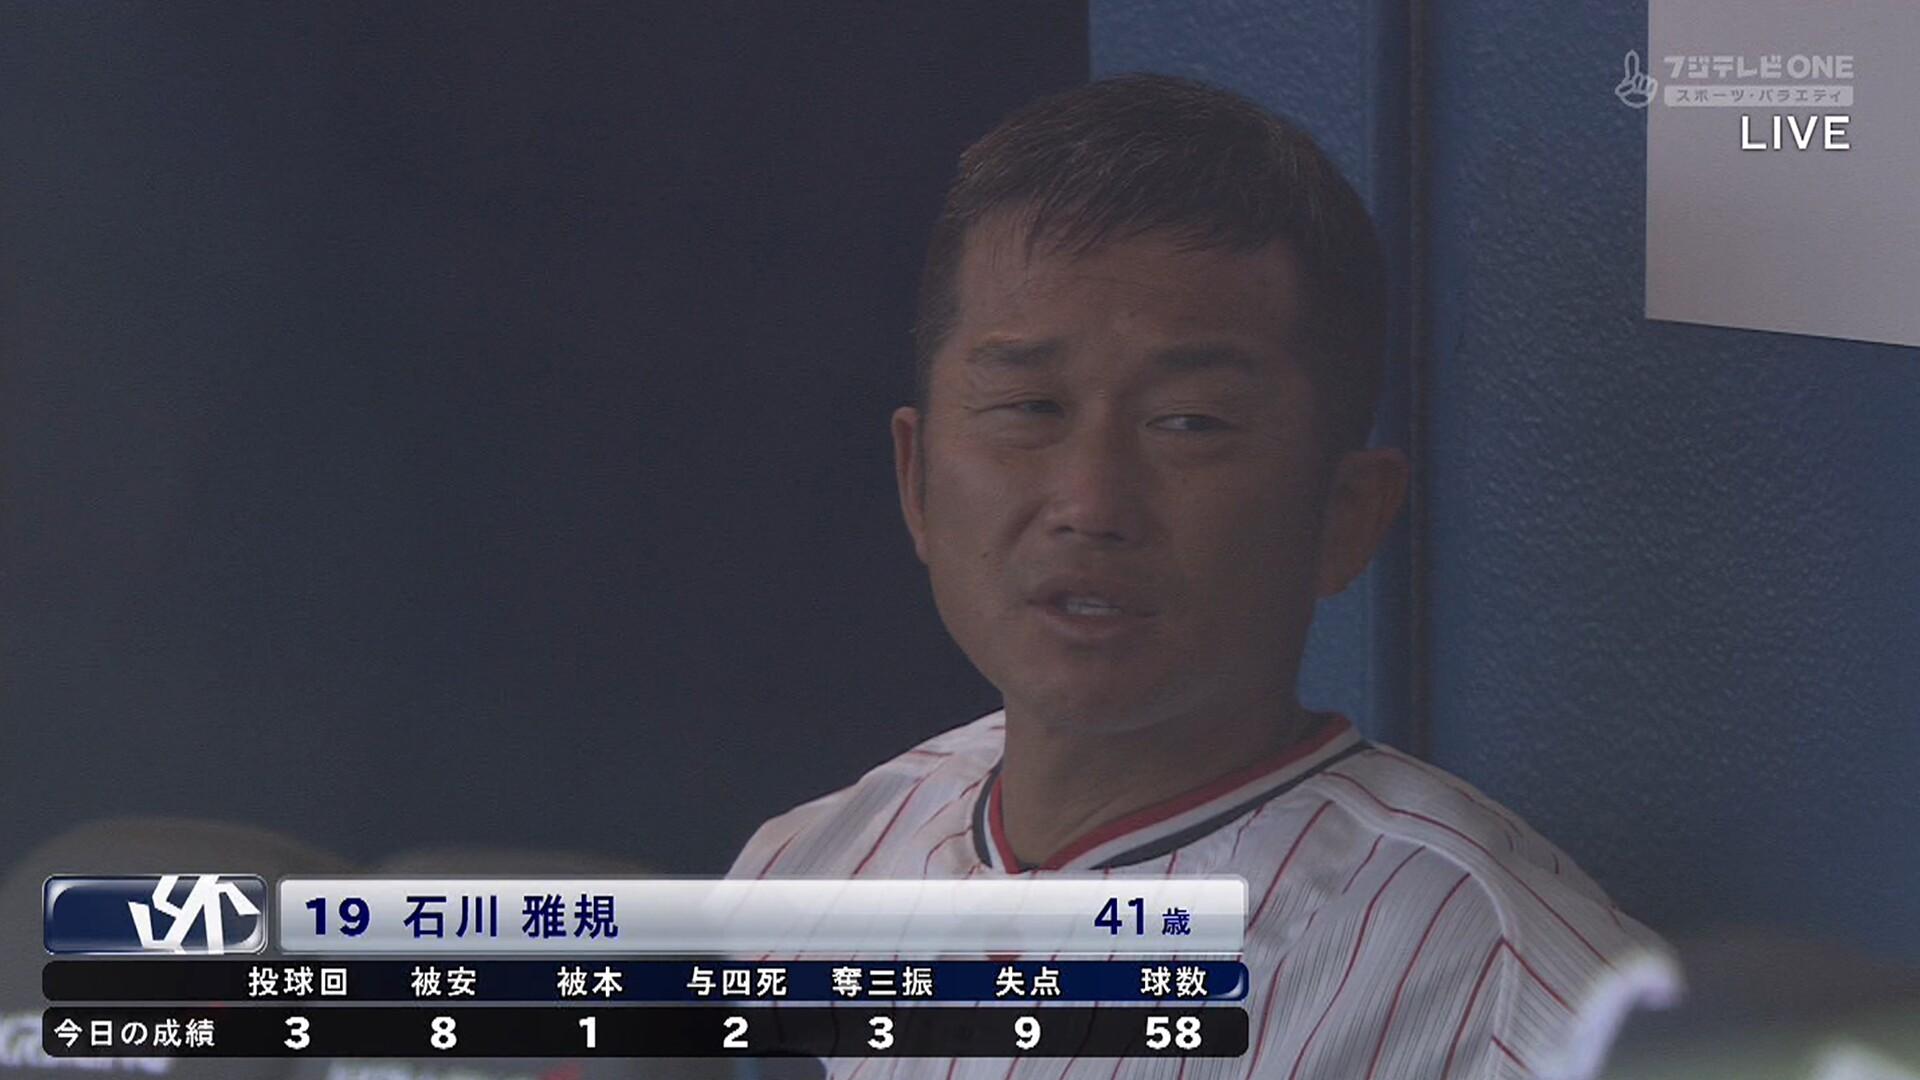 ヤクルト・石川(41)、2試合連続の大炎上